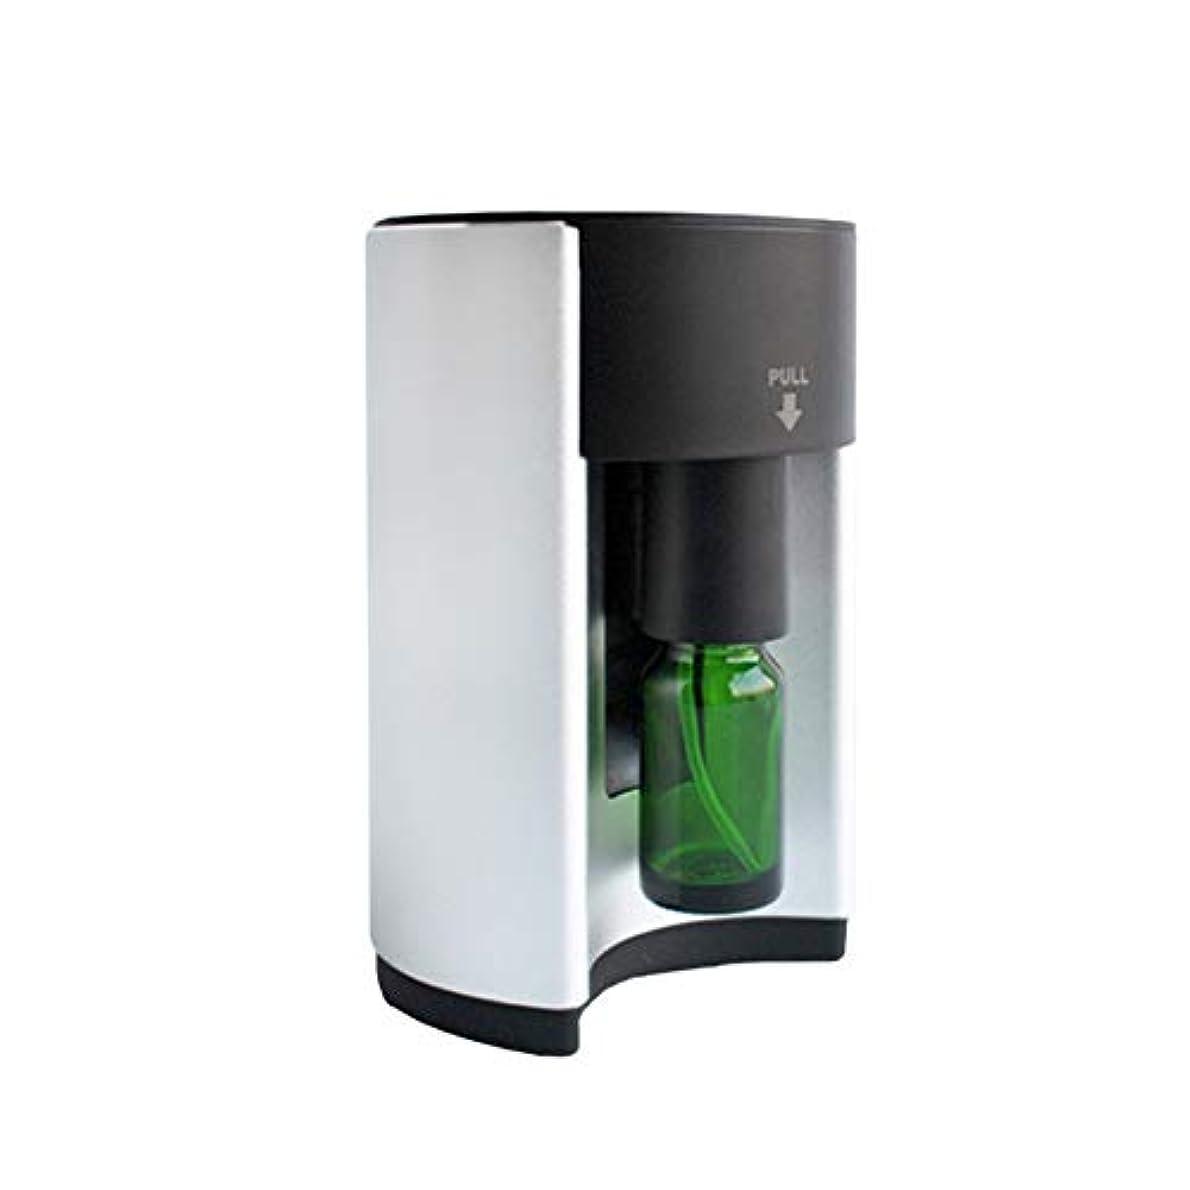 ラフ睡眠話す葡萄広範囲適用 アロマディフューザー ネブライザー式 シルバー アロマオイル アロマグラス 人気 タイマー機能 コンパクトタイプ エッセンシャルオイル 加湿 うるおい